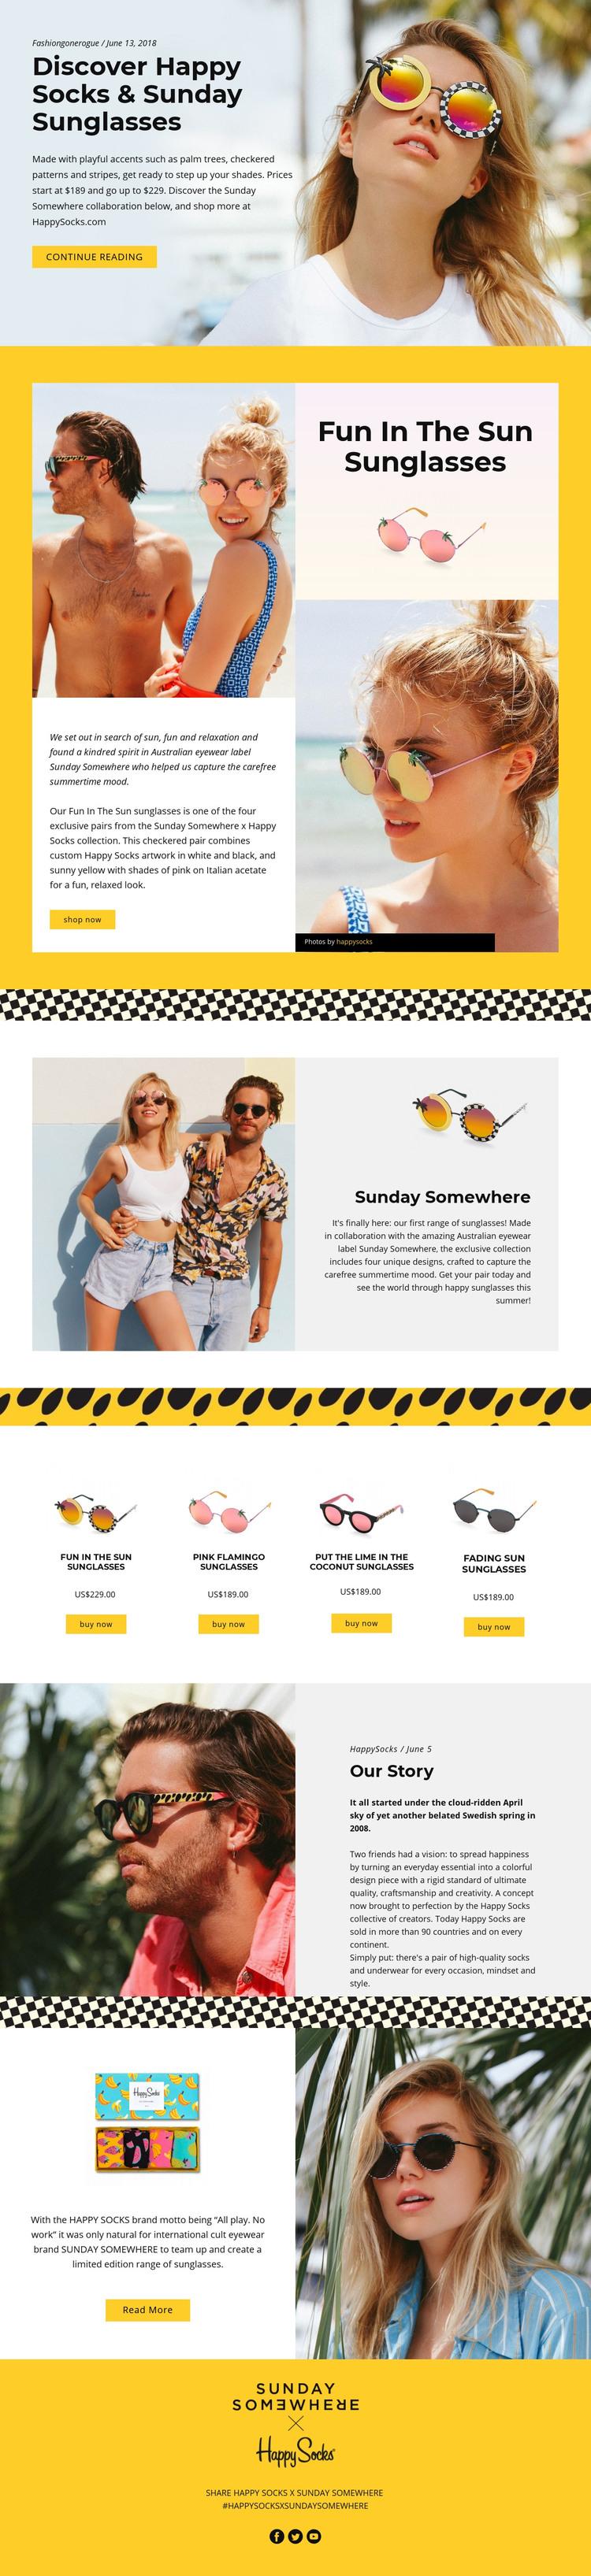 Fun Sunglasses Homepage Design